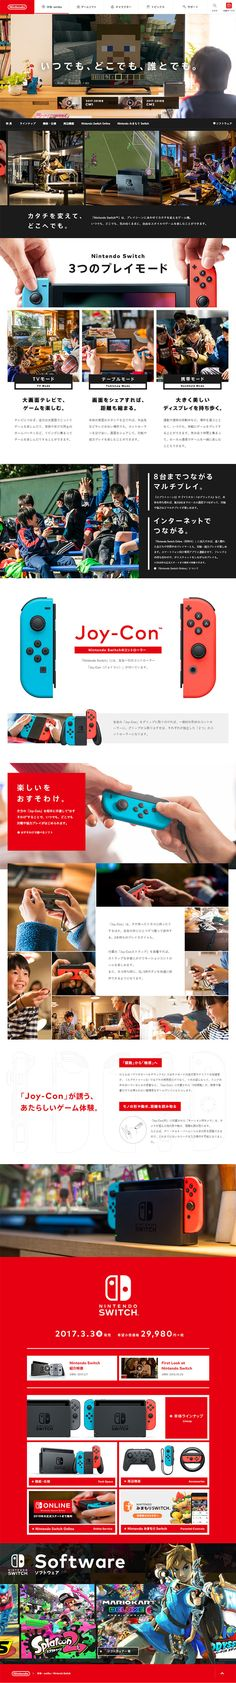 任天堂株式会社様の「Nintendo Switch」のランディングページ(LP)力強い系|ゲームソフト・機器 #LP #ランディングページ #ランペ #Nintendo Switch